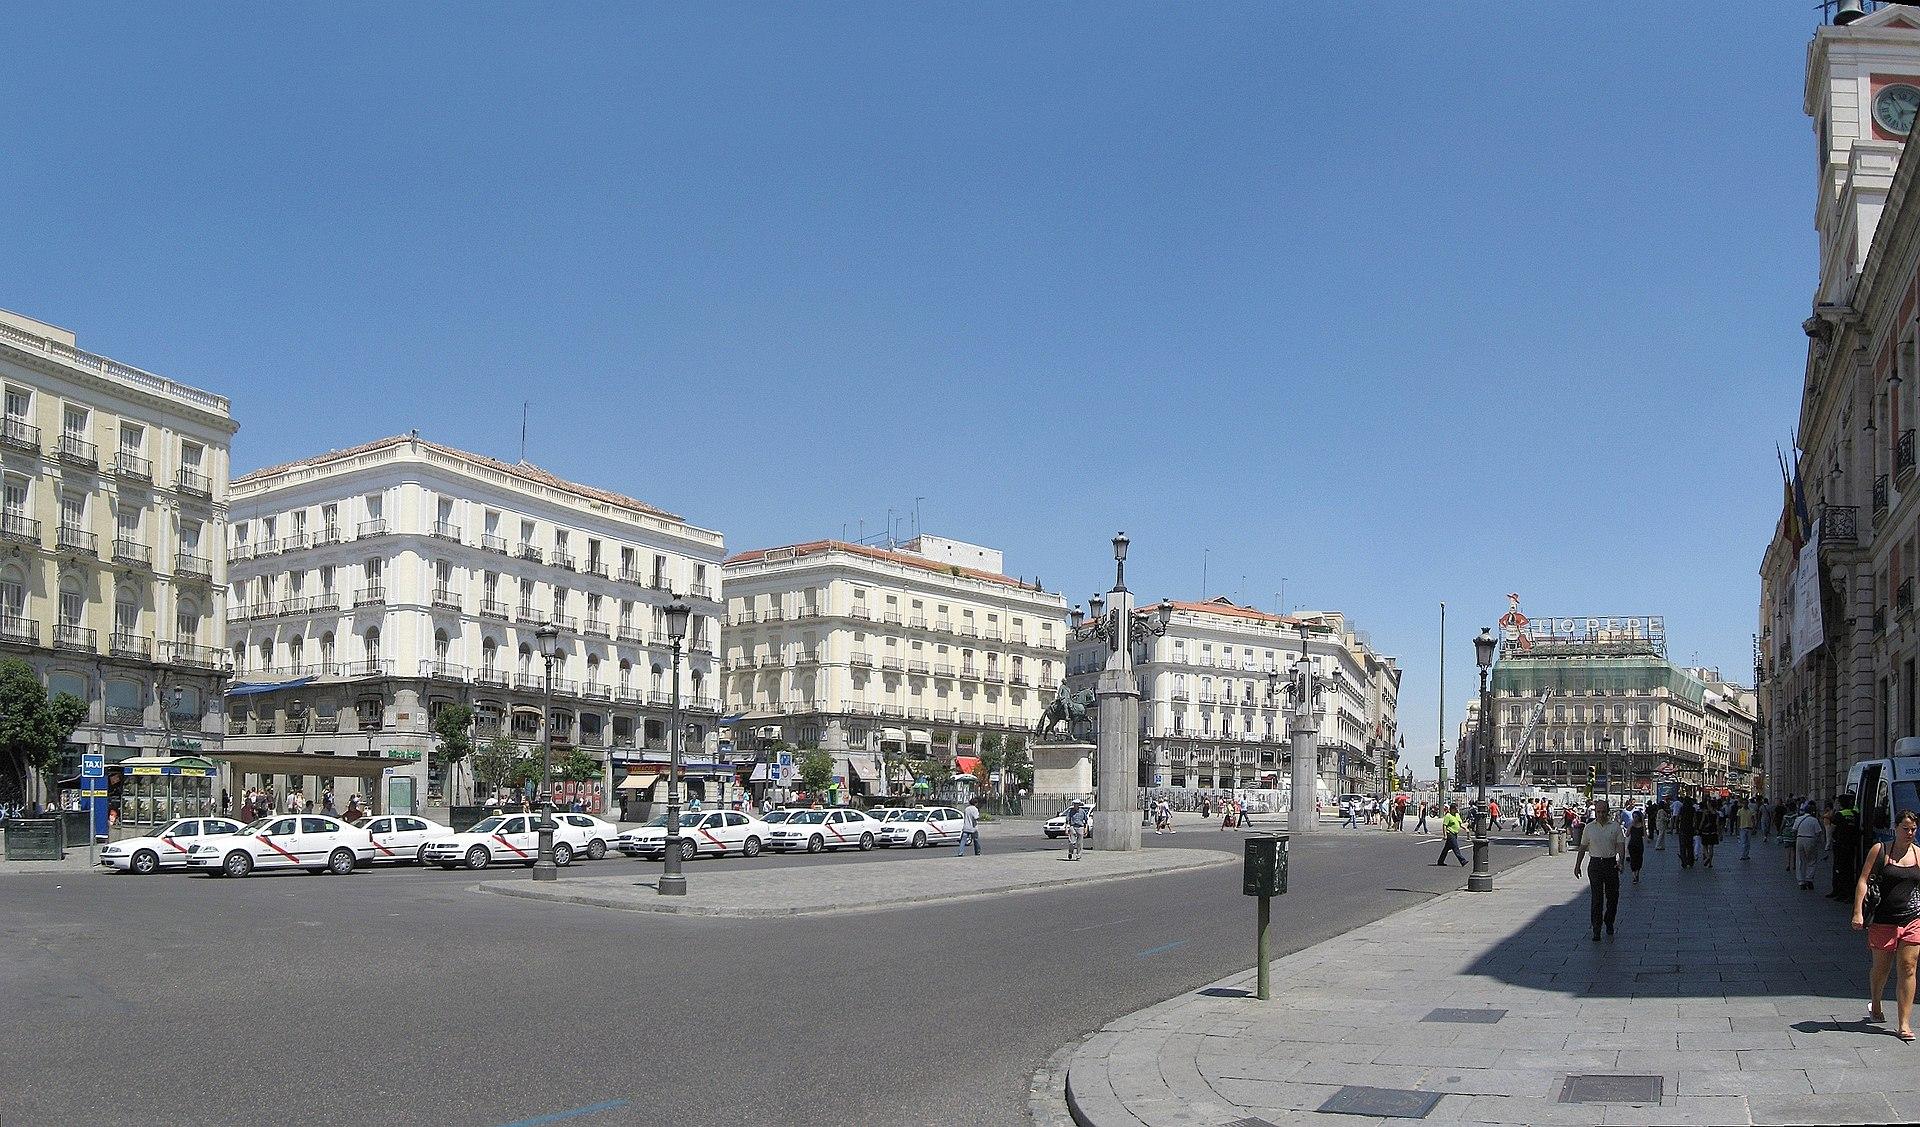 Puerta del sol wikipedia for Puerta del sol uvas